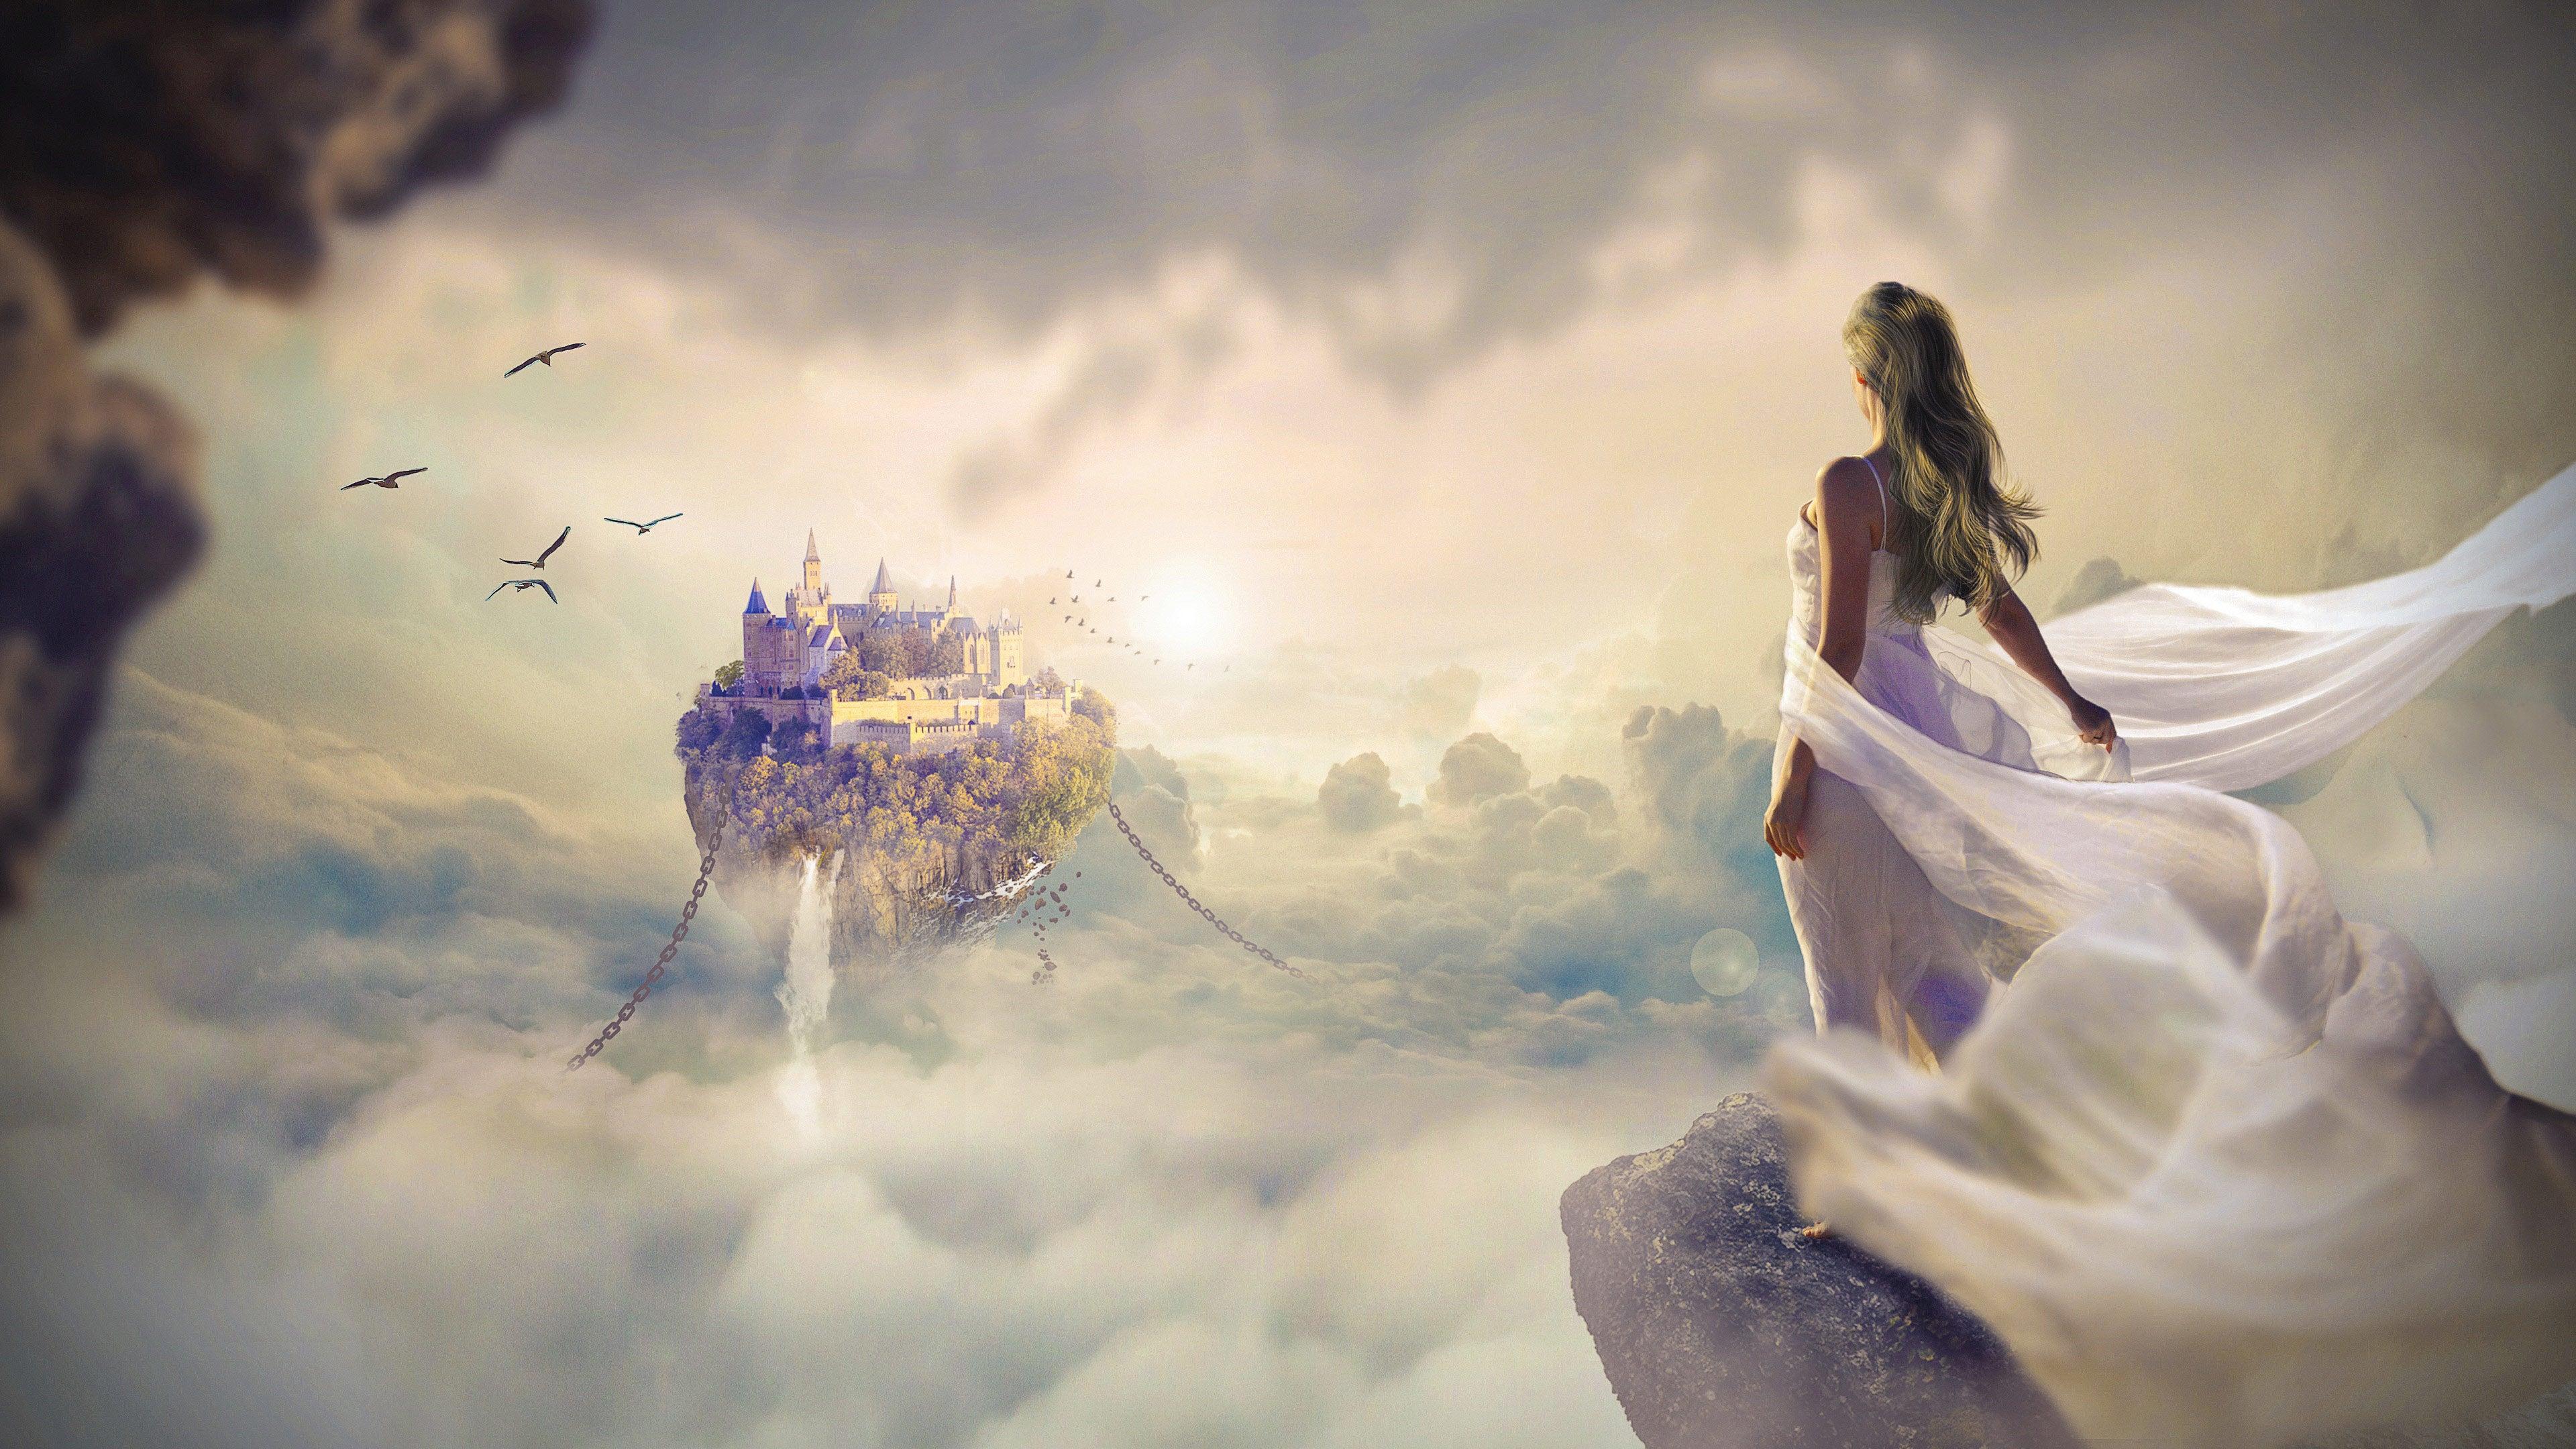 Fantasy World 4k Wallpaper